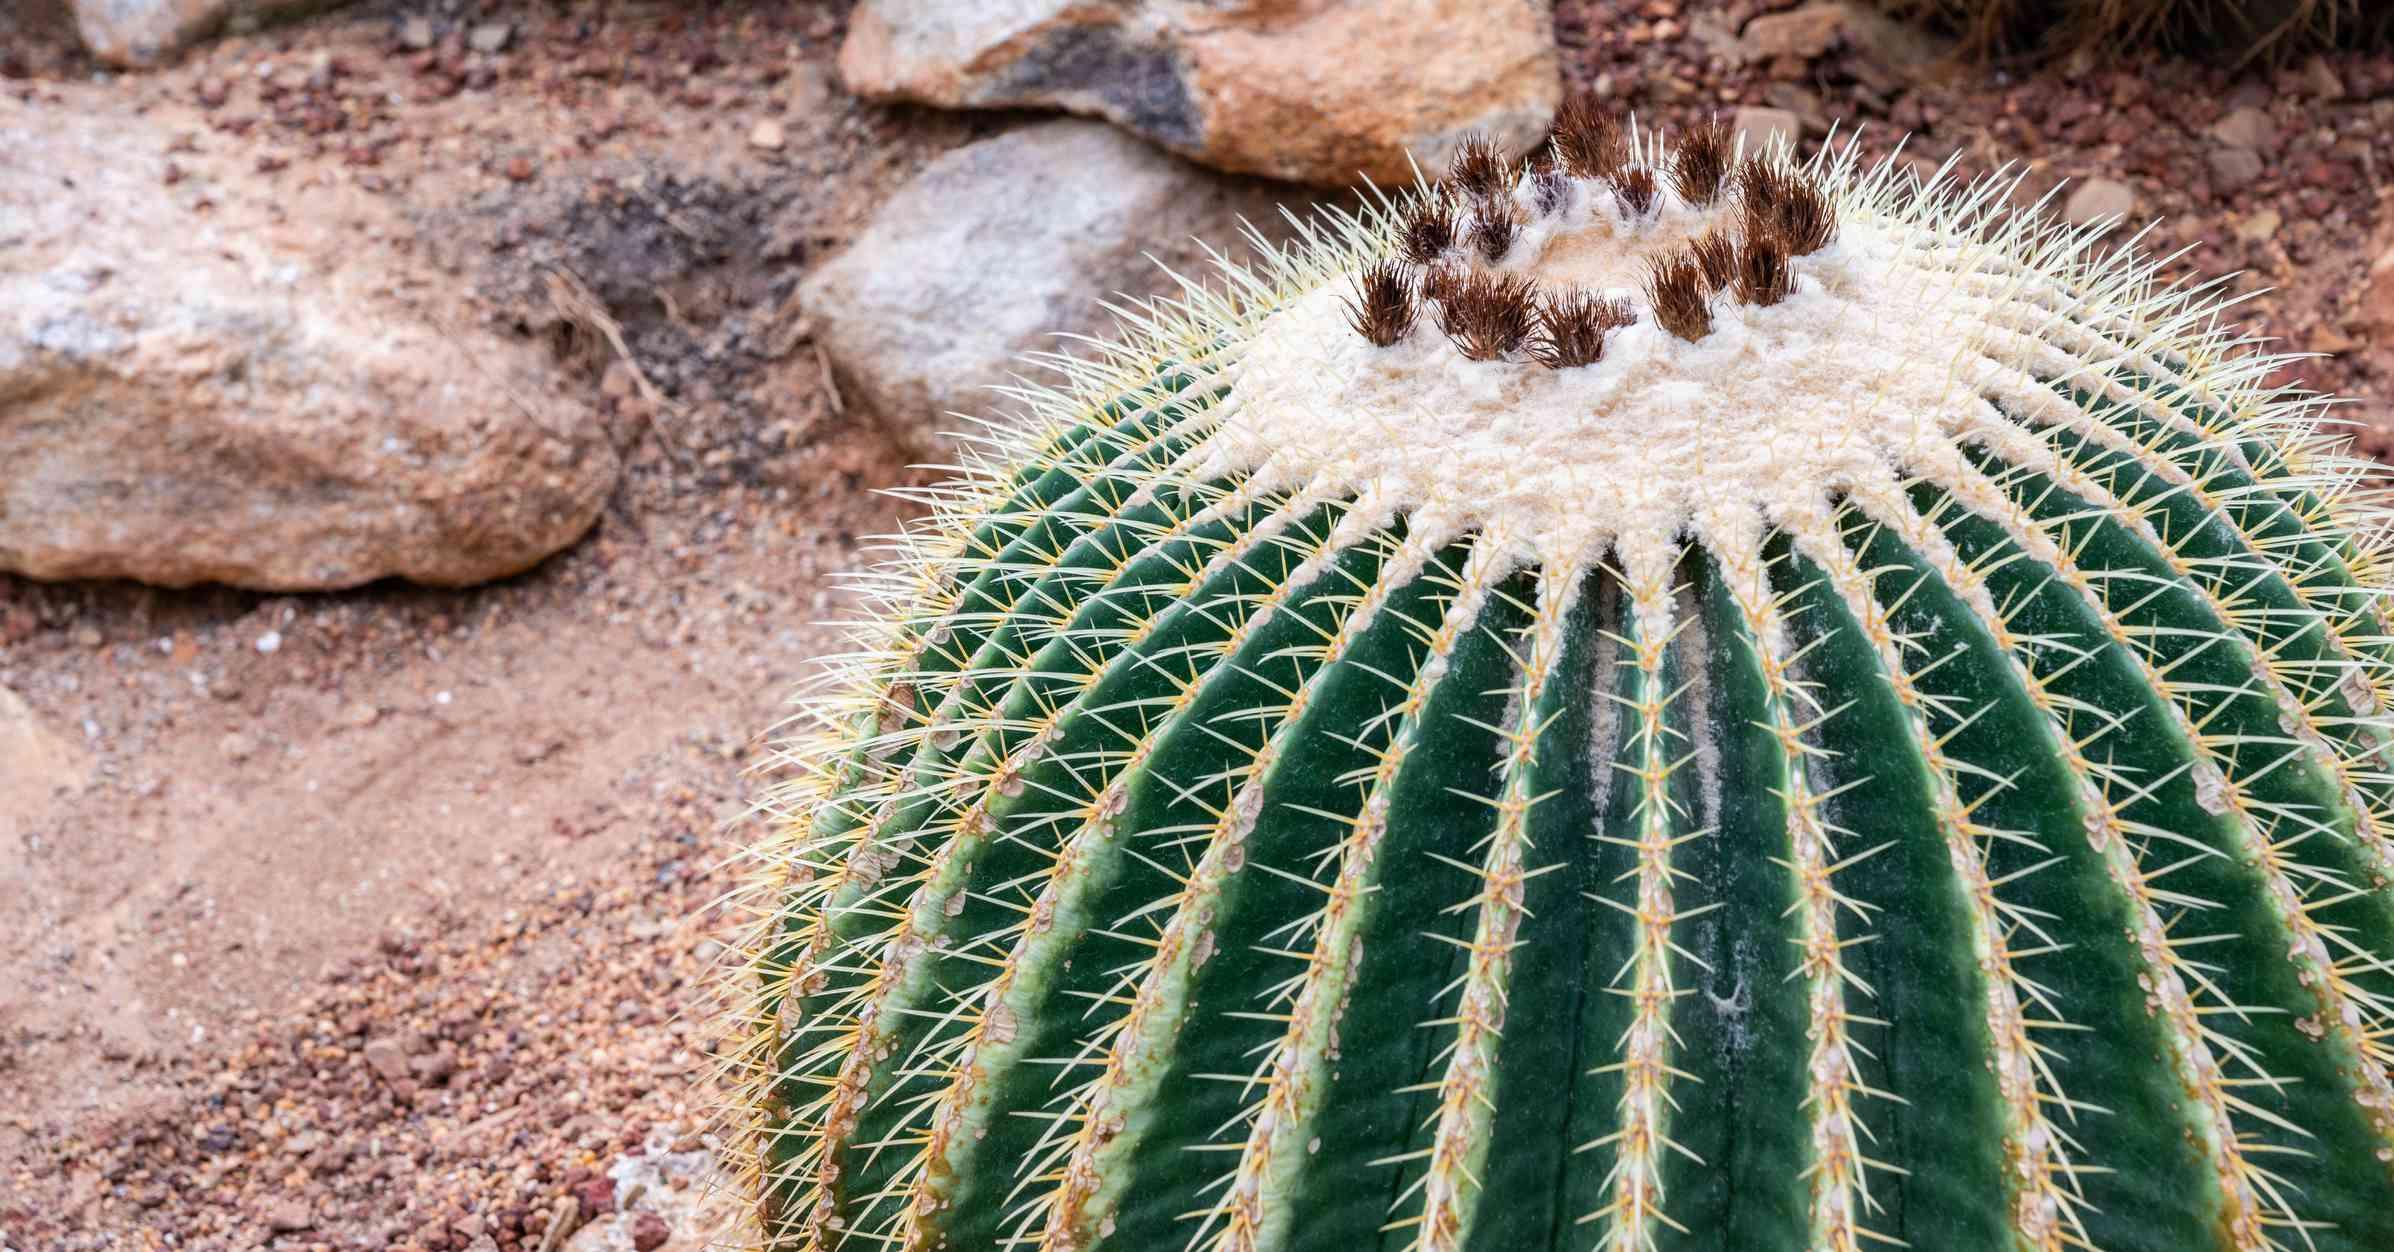 Large golden barrel cactus (Echinocactus grusonii) close up shot.